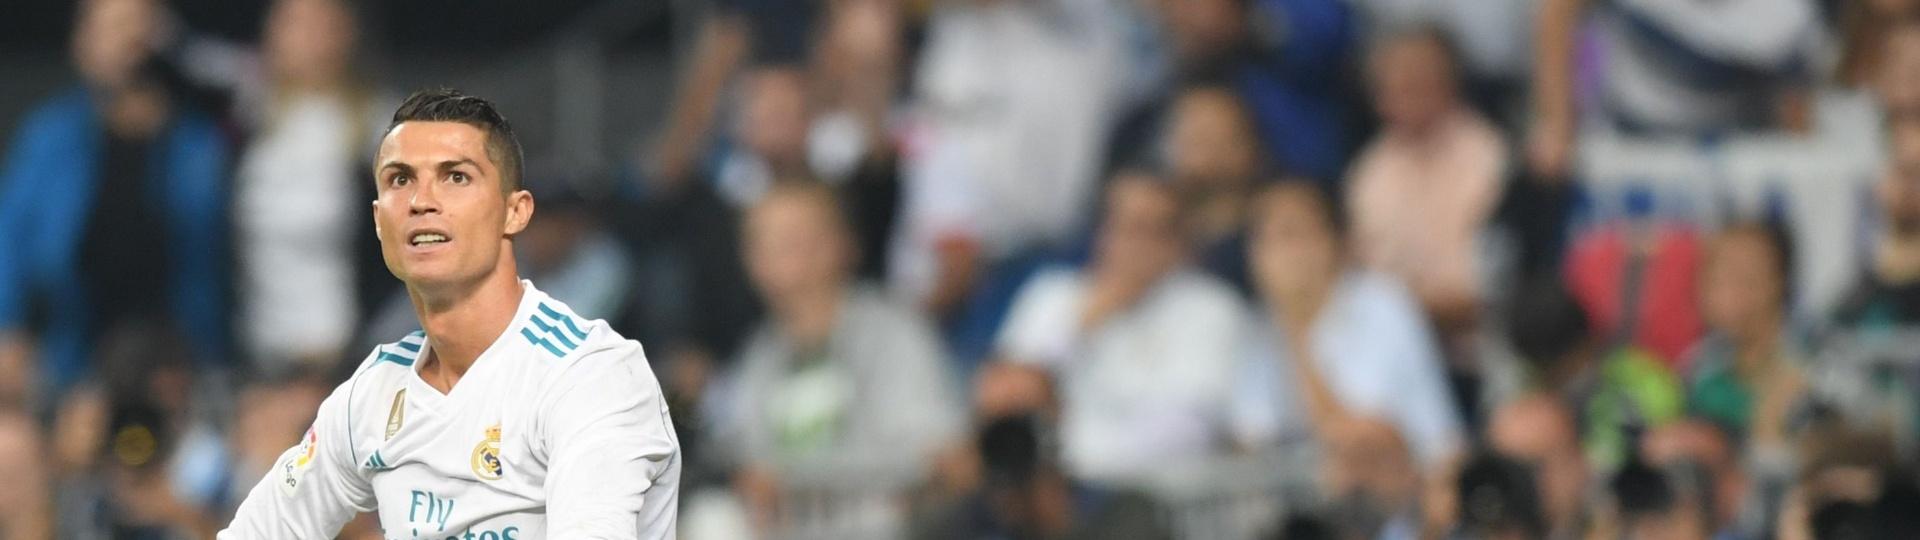 Cristiano Ronaldo se lamenta depois de perder gol para o Real Madrid contra o Betis